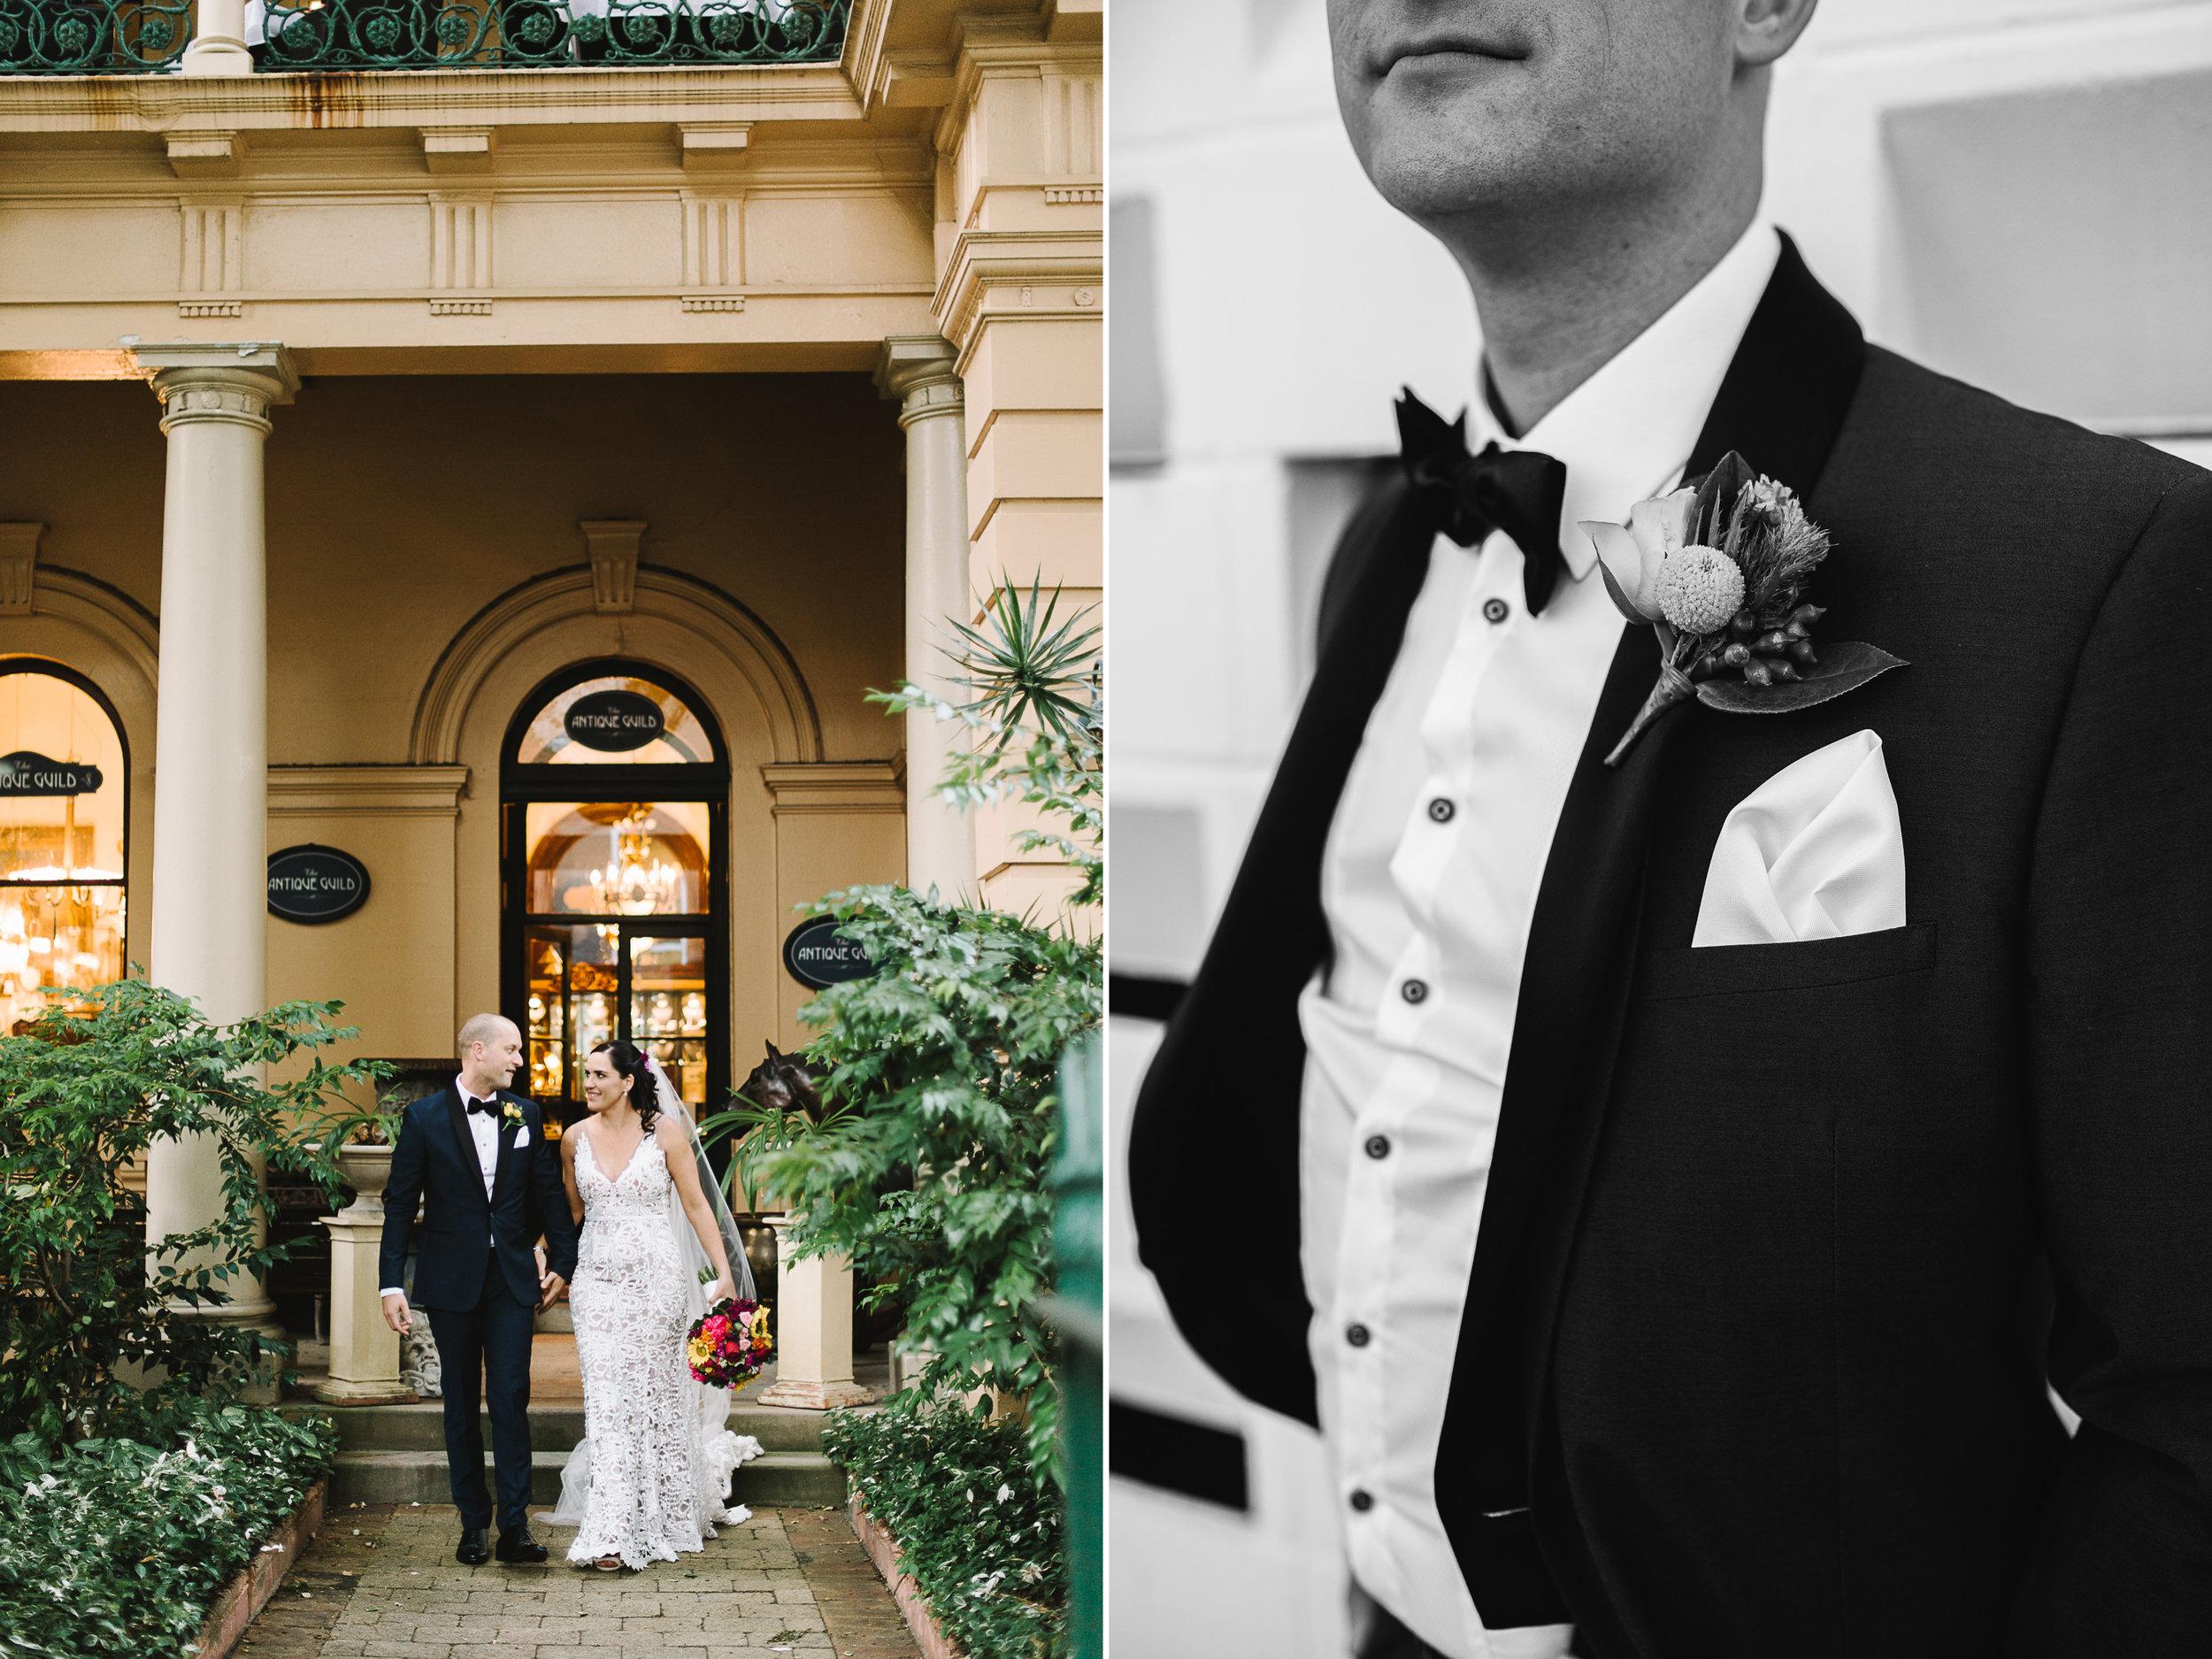 stamford-plaza-brisbane-wedding-24.jpg